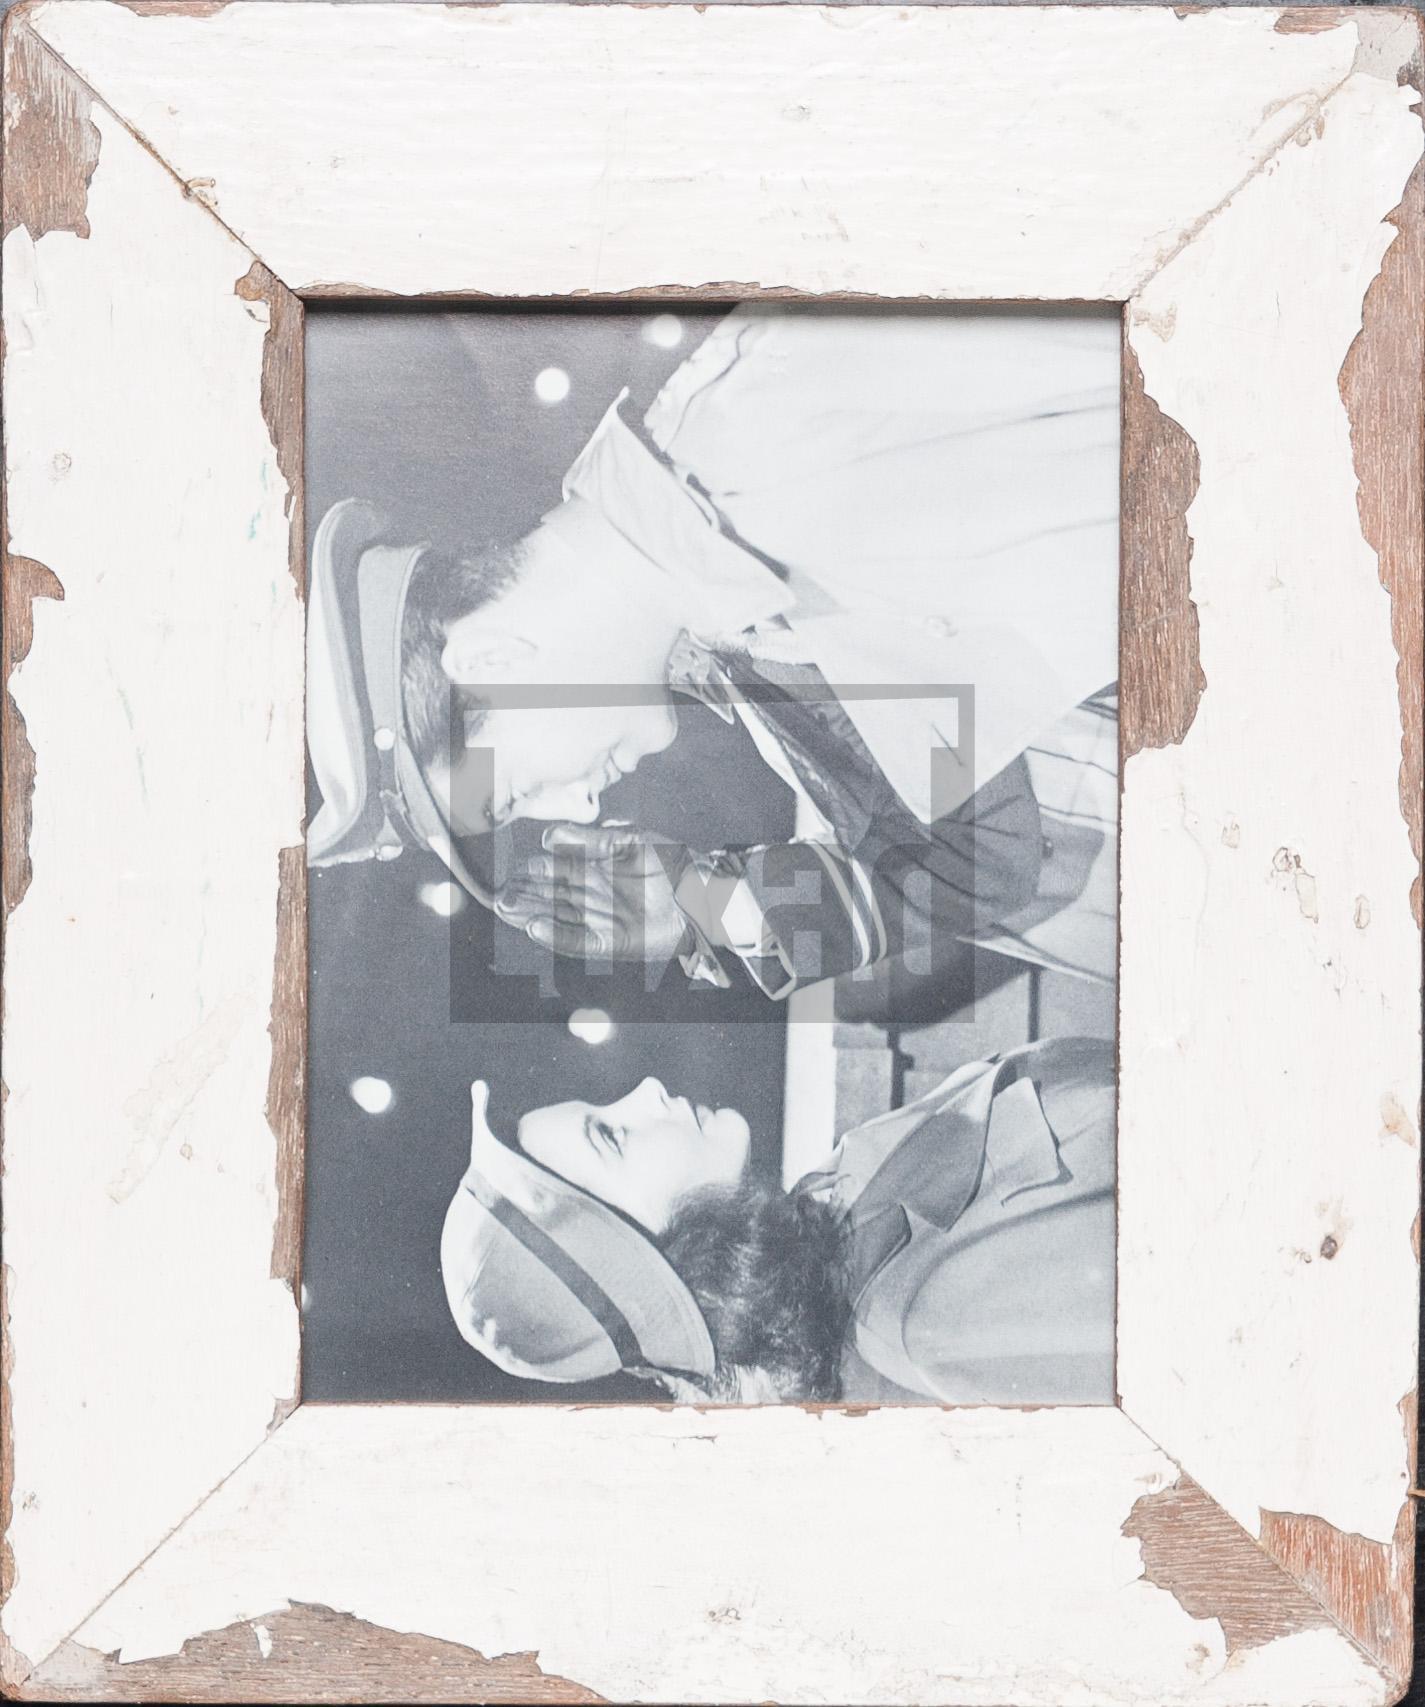 Vintage-Bilderrahmen für 15 x 20 cm große Fotos